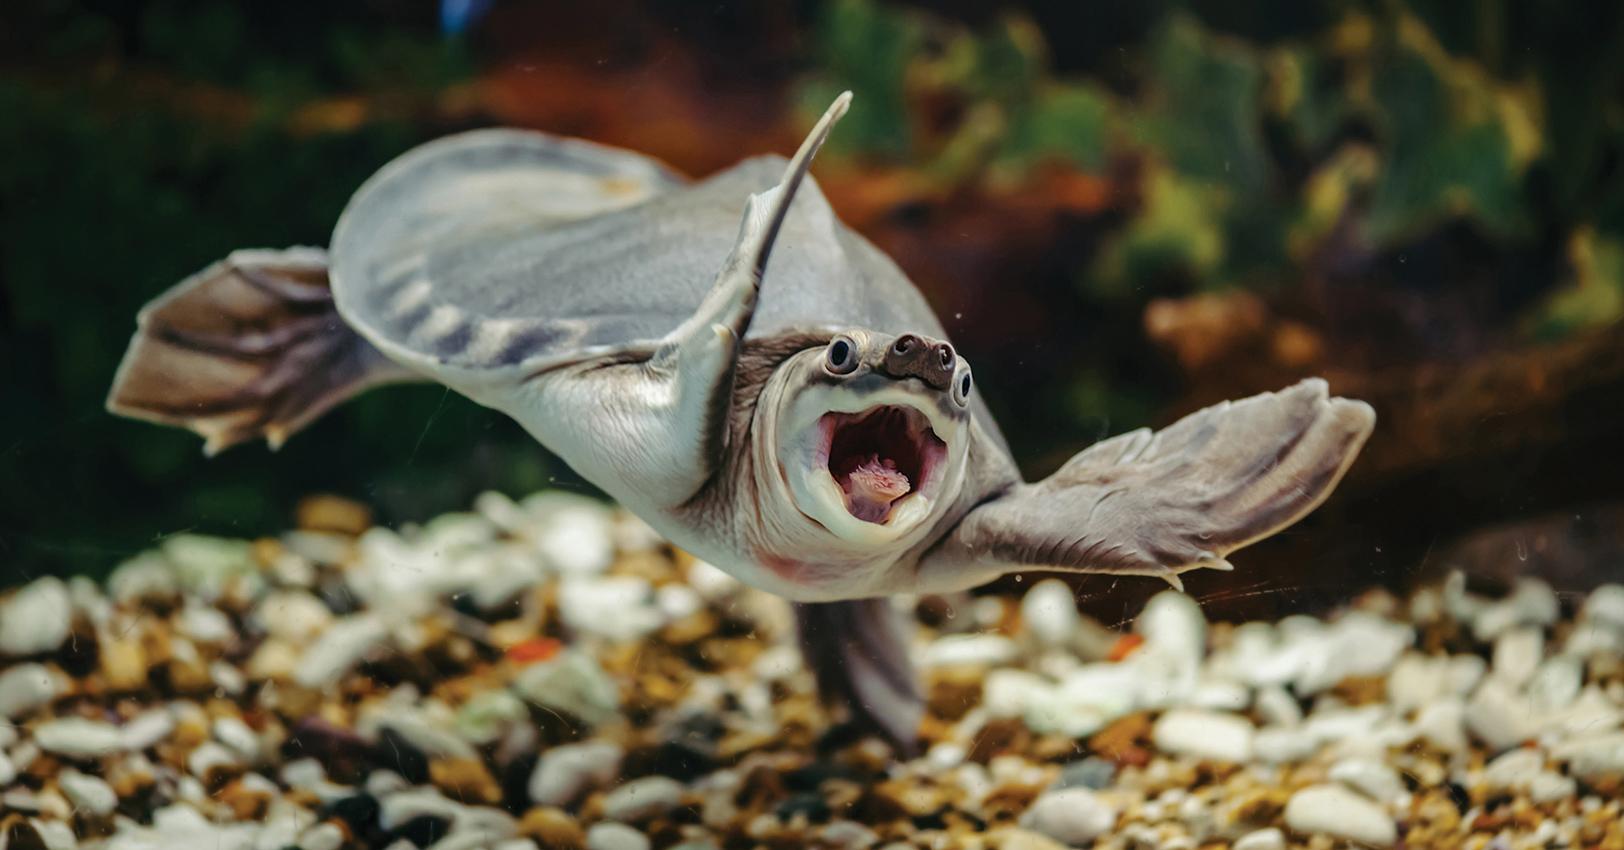 turtlethumb-1526495663874.jpg